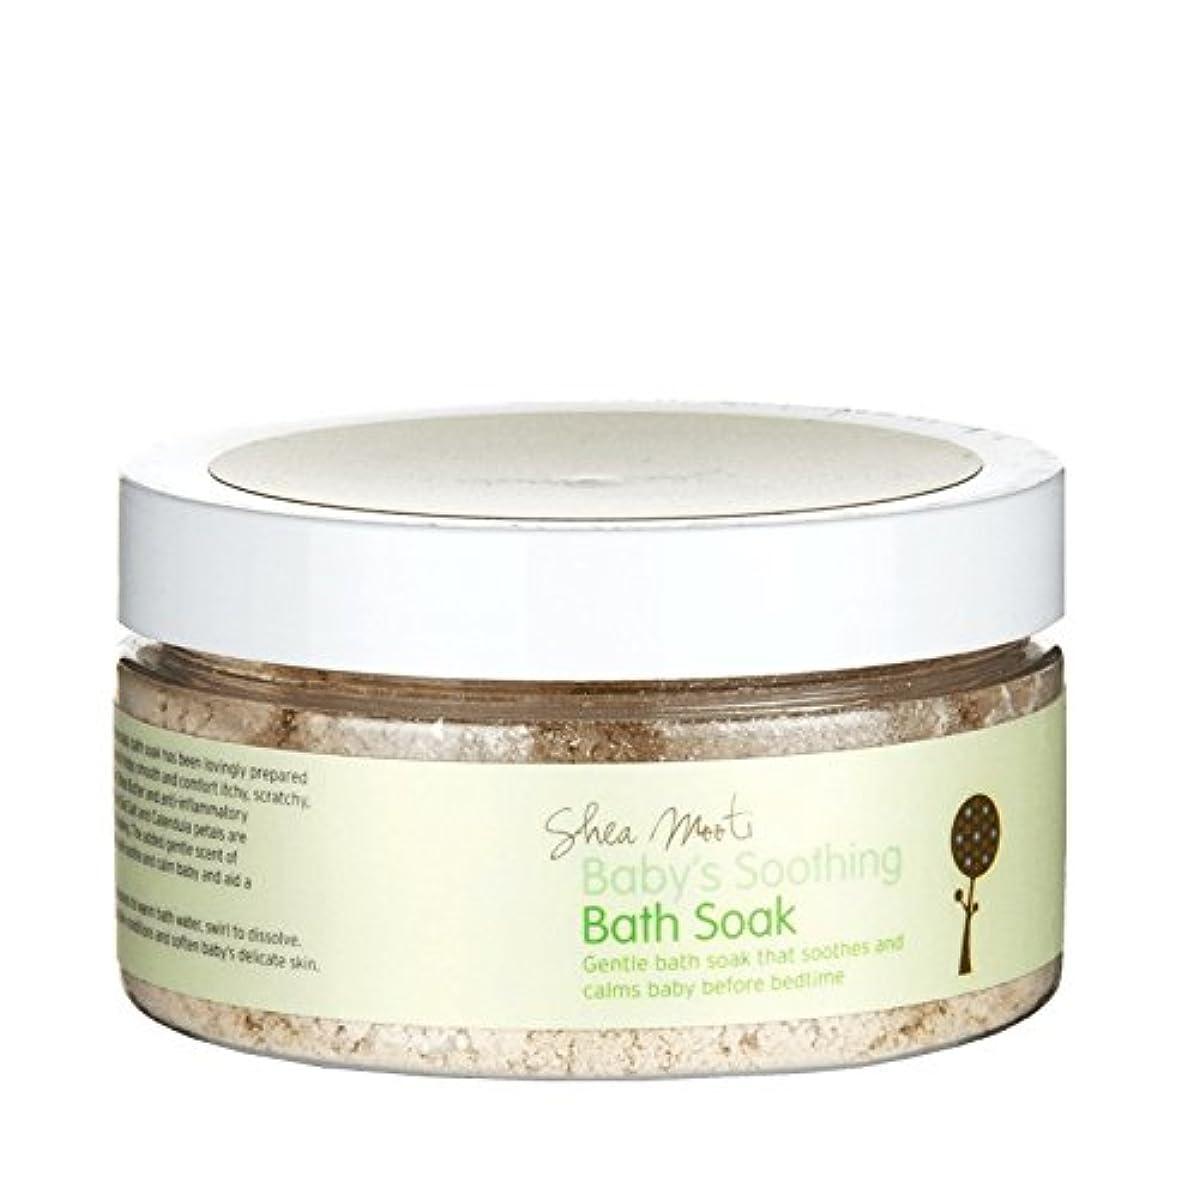 ひらめき担保混合シアバターMooti赤ちゃんの癒しのお風呂は、130グラムを浸し - Shea Mooti Baby's Soothing Bath Soak 130g (Shea Mooti) [並行輸入品]